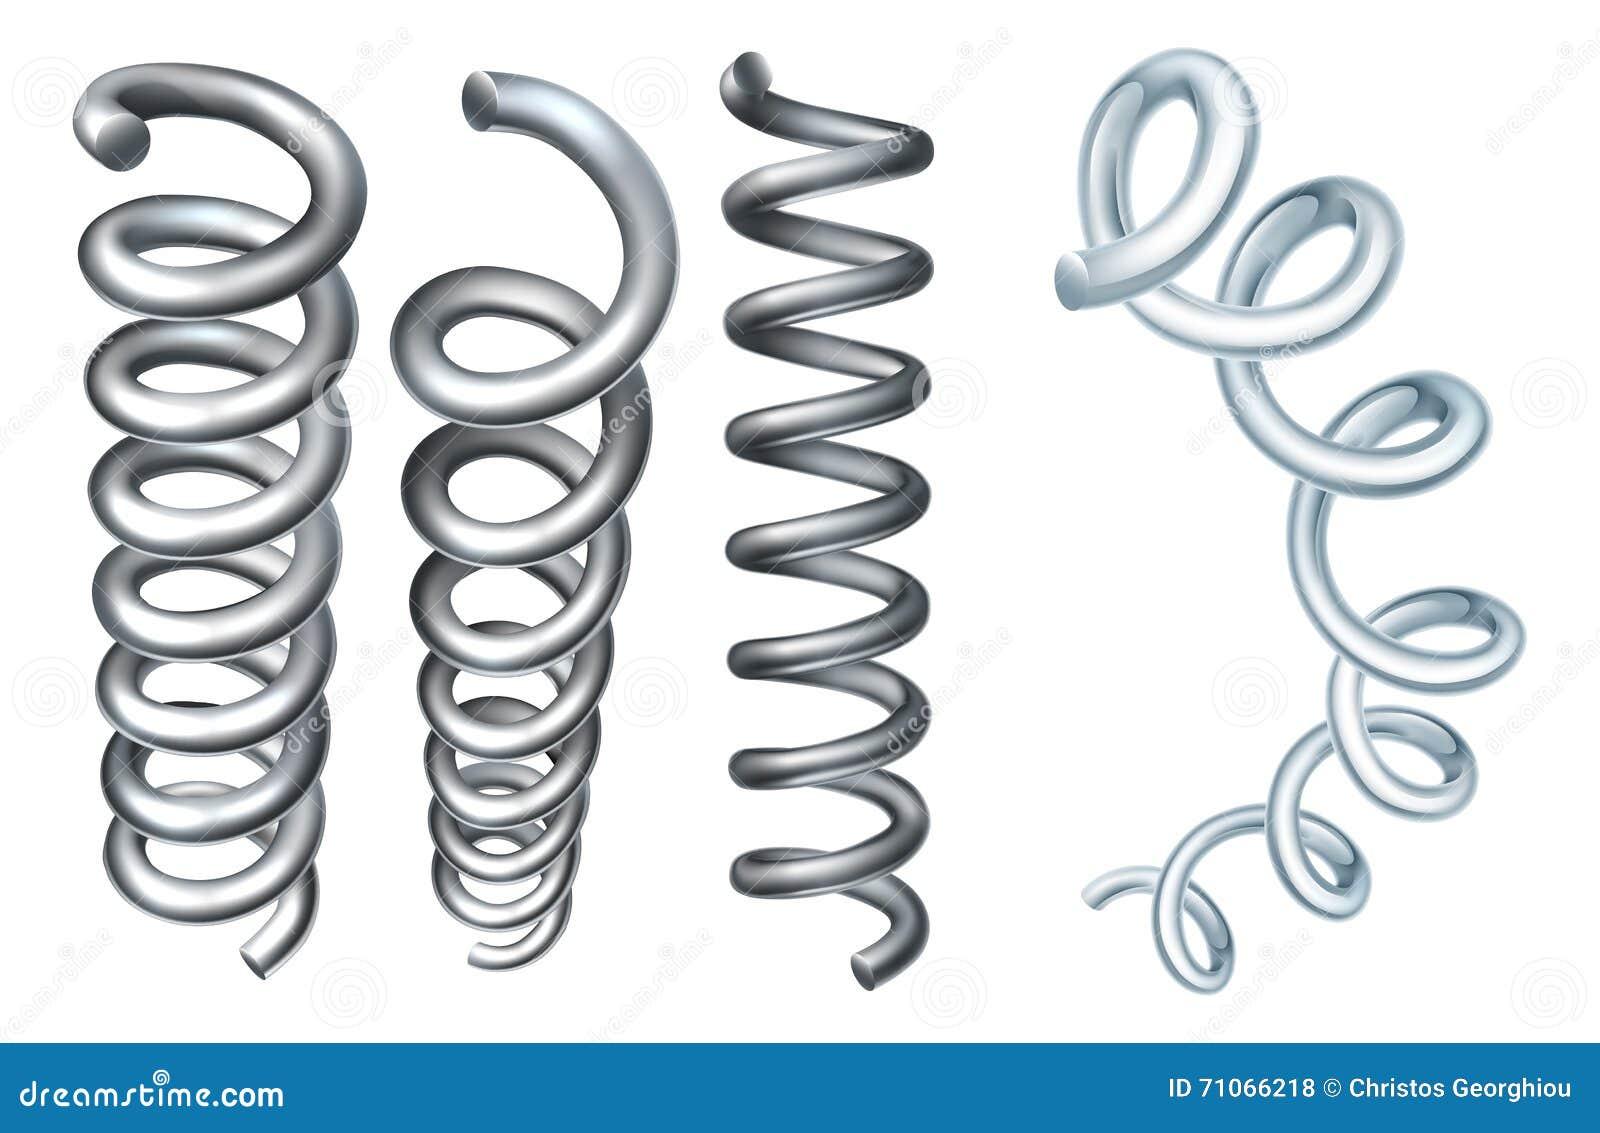 Steel Metal Spring Coil Design Elements